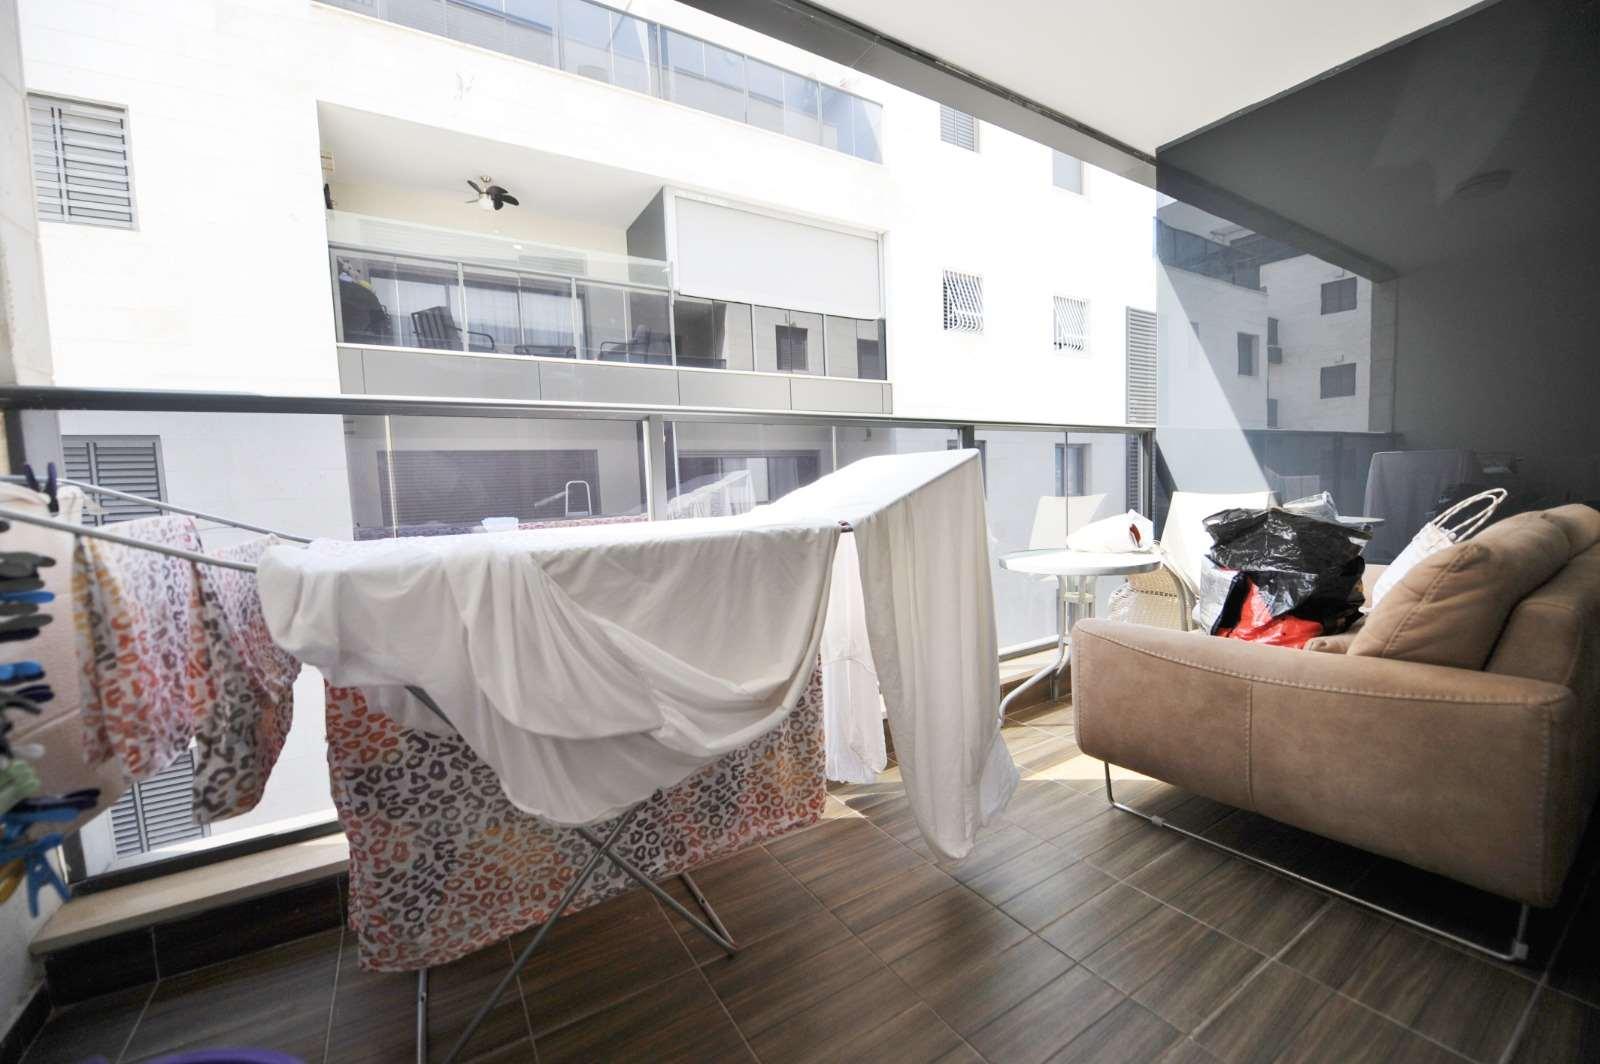 דירה למכירה 2 חדרים בחולון יהושע חנקין